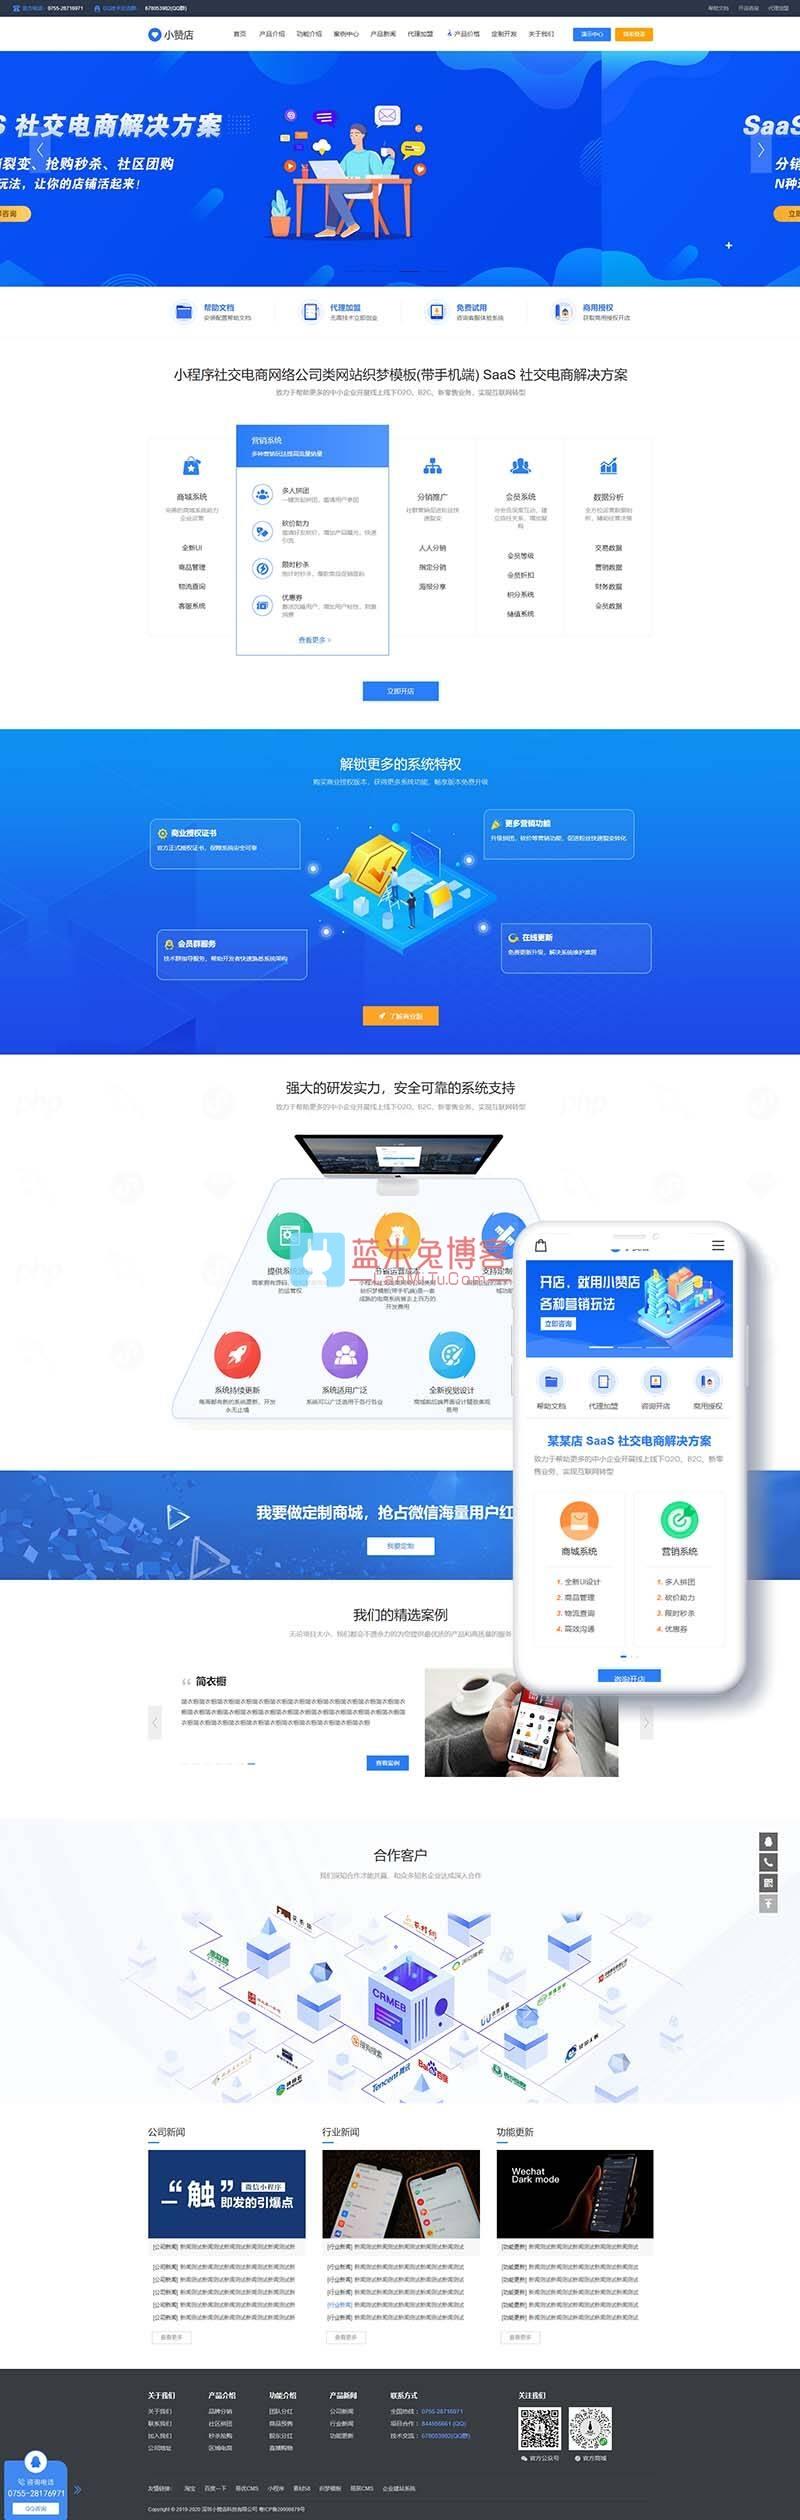 图片[1]-织梦dedecms模板 小程序社交电商网络公司类网站织梦模板(带手机端)-蓝米兔博客